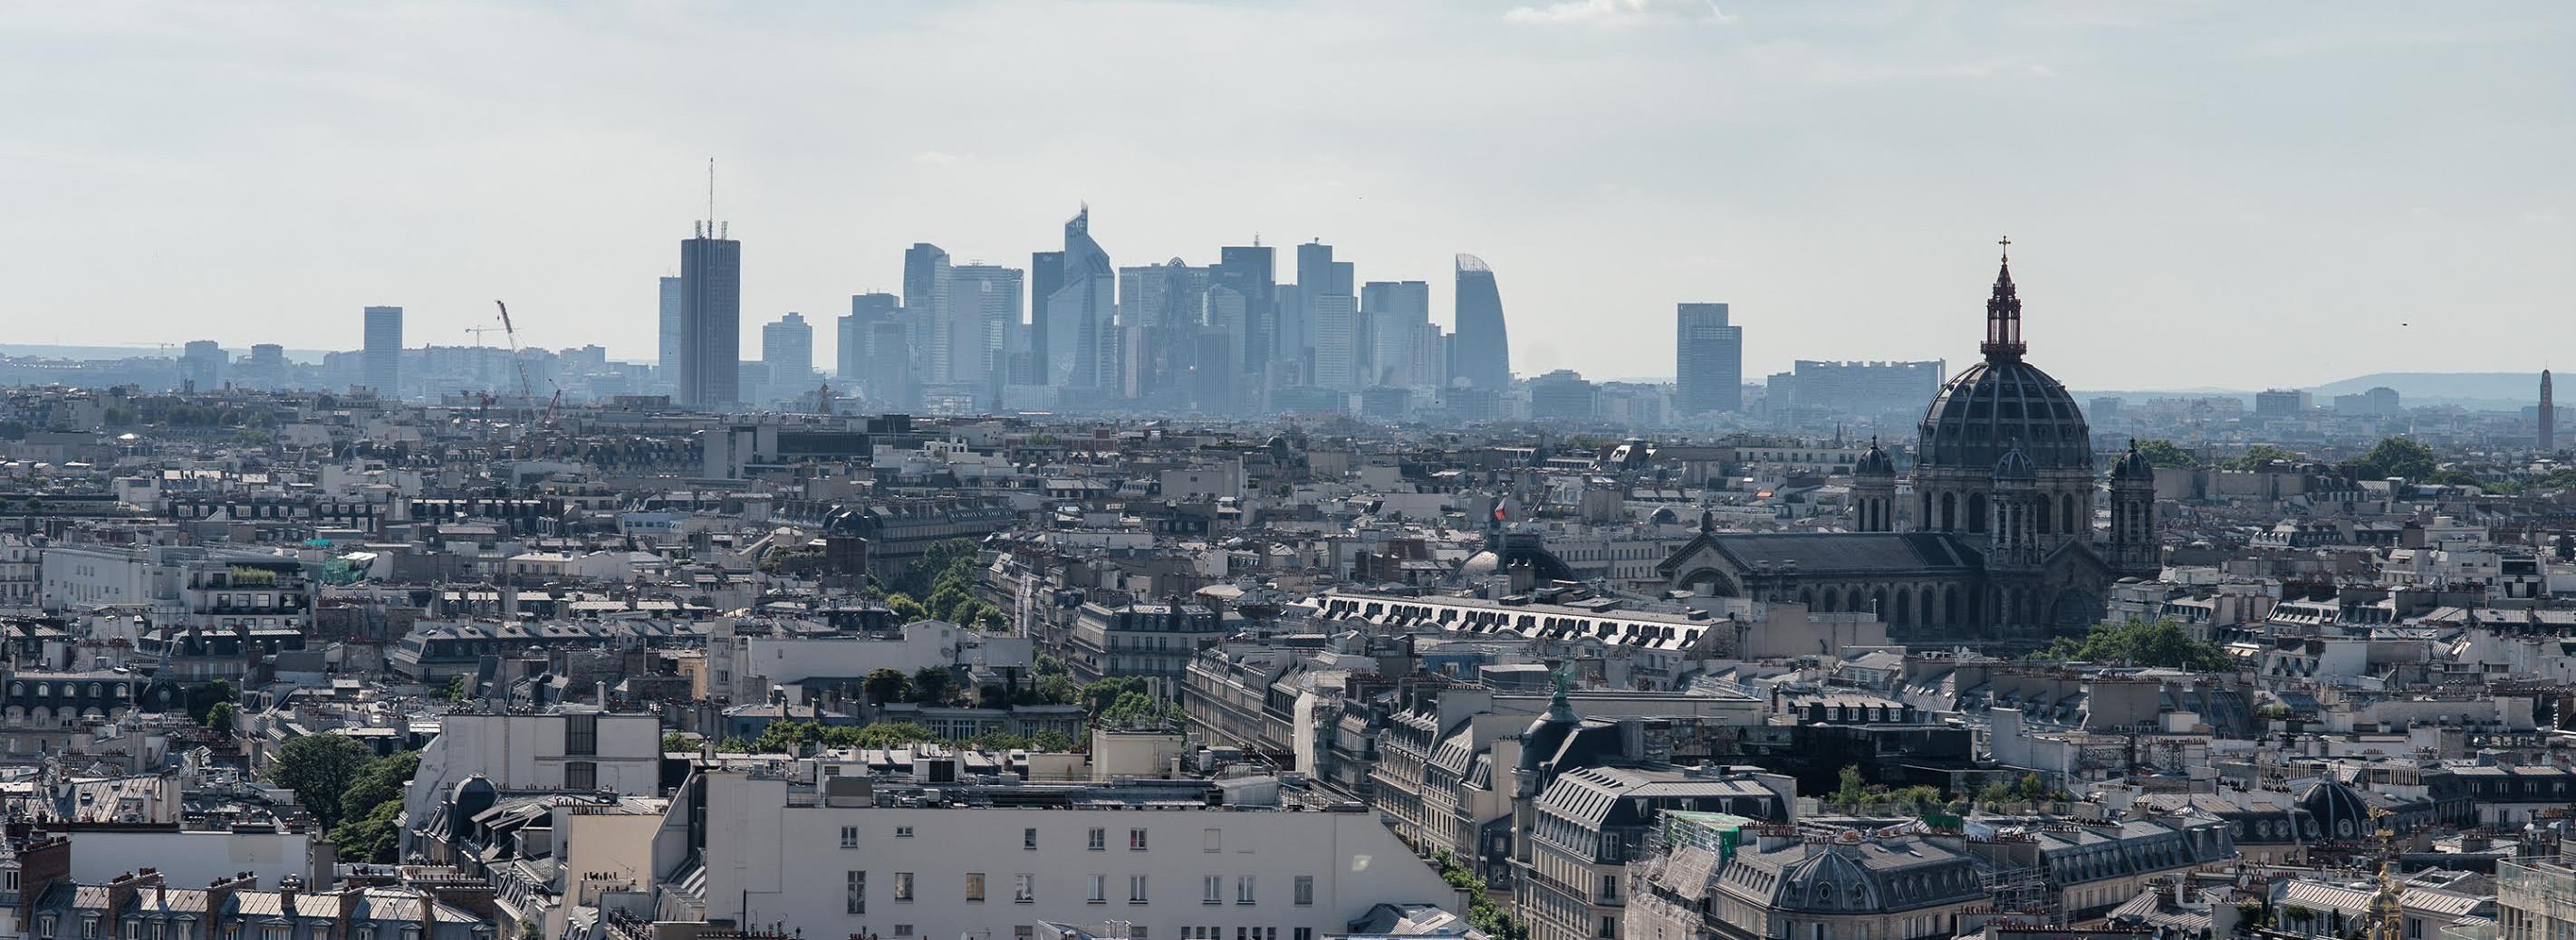 Investir dans l'immobilier commercial de bureaux à Paris, le bon compromis?